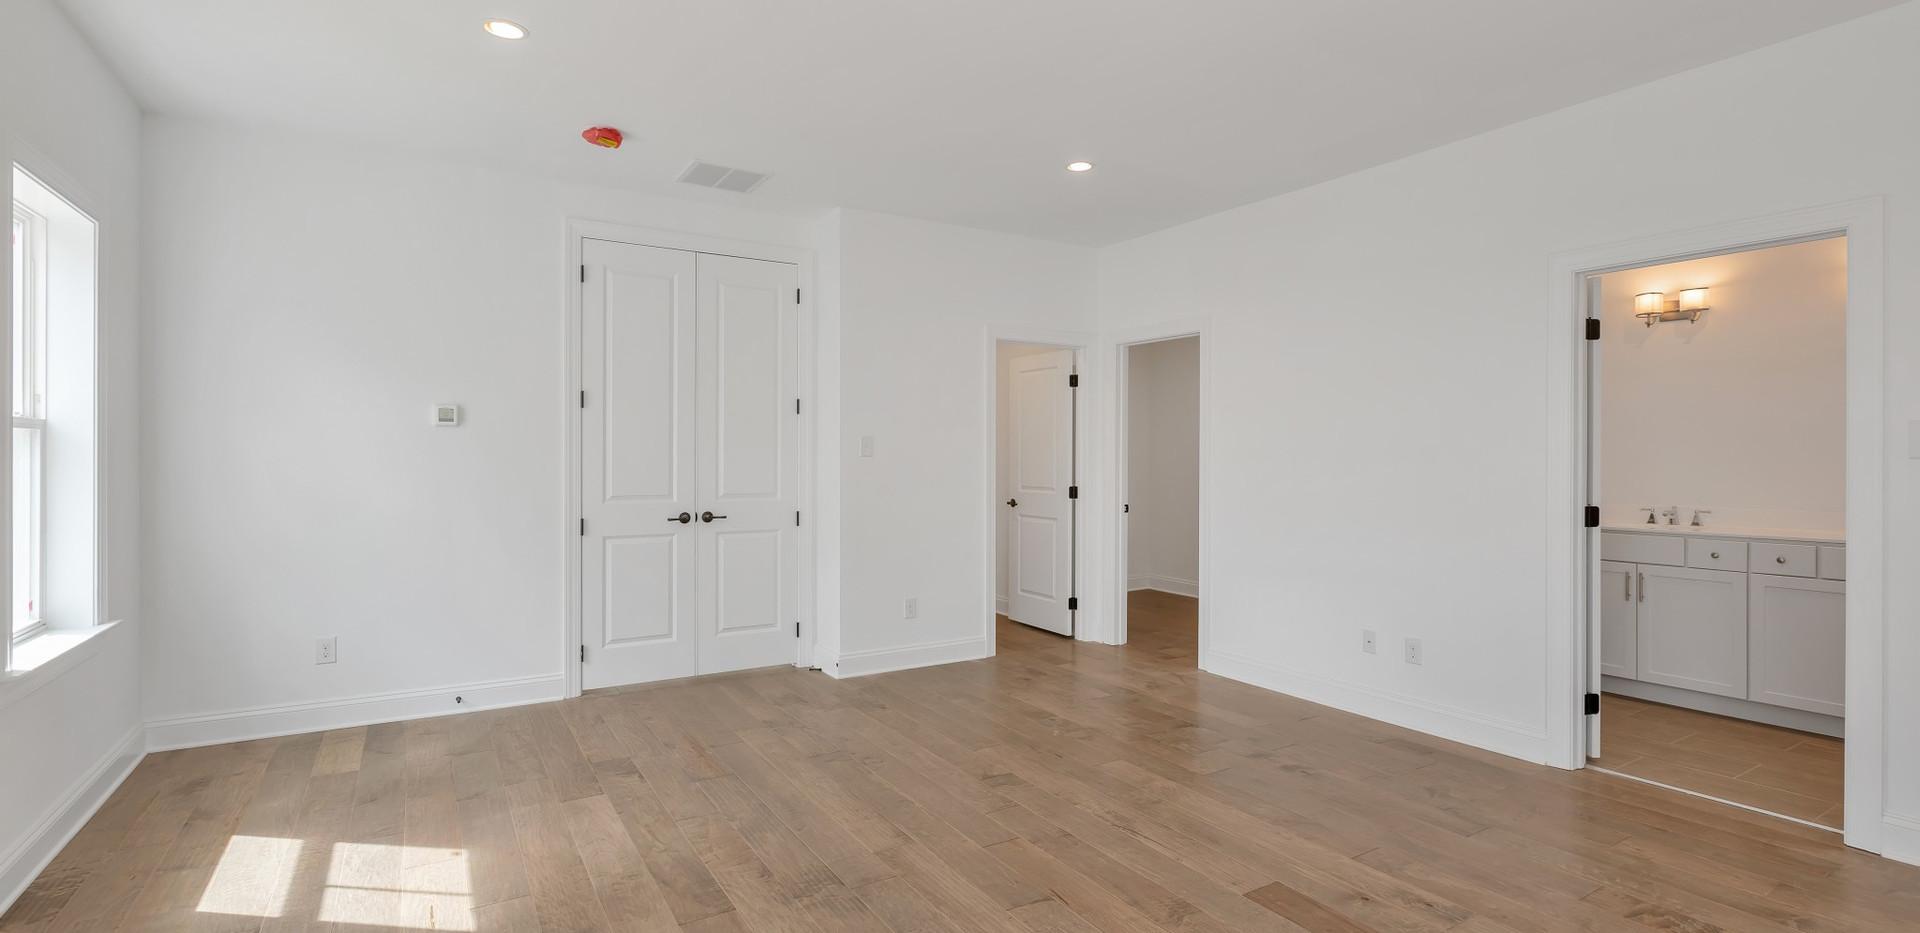 Masted Bedroom.jpg